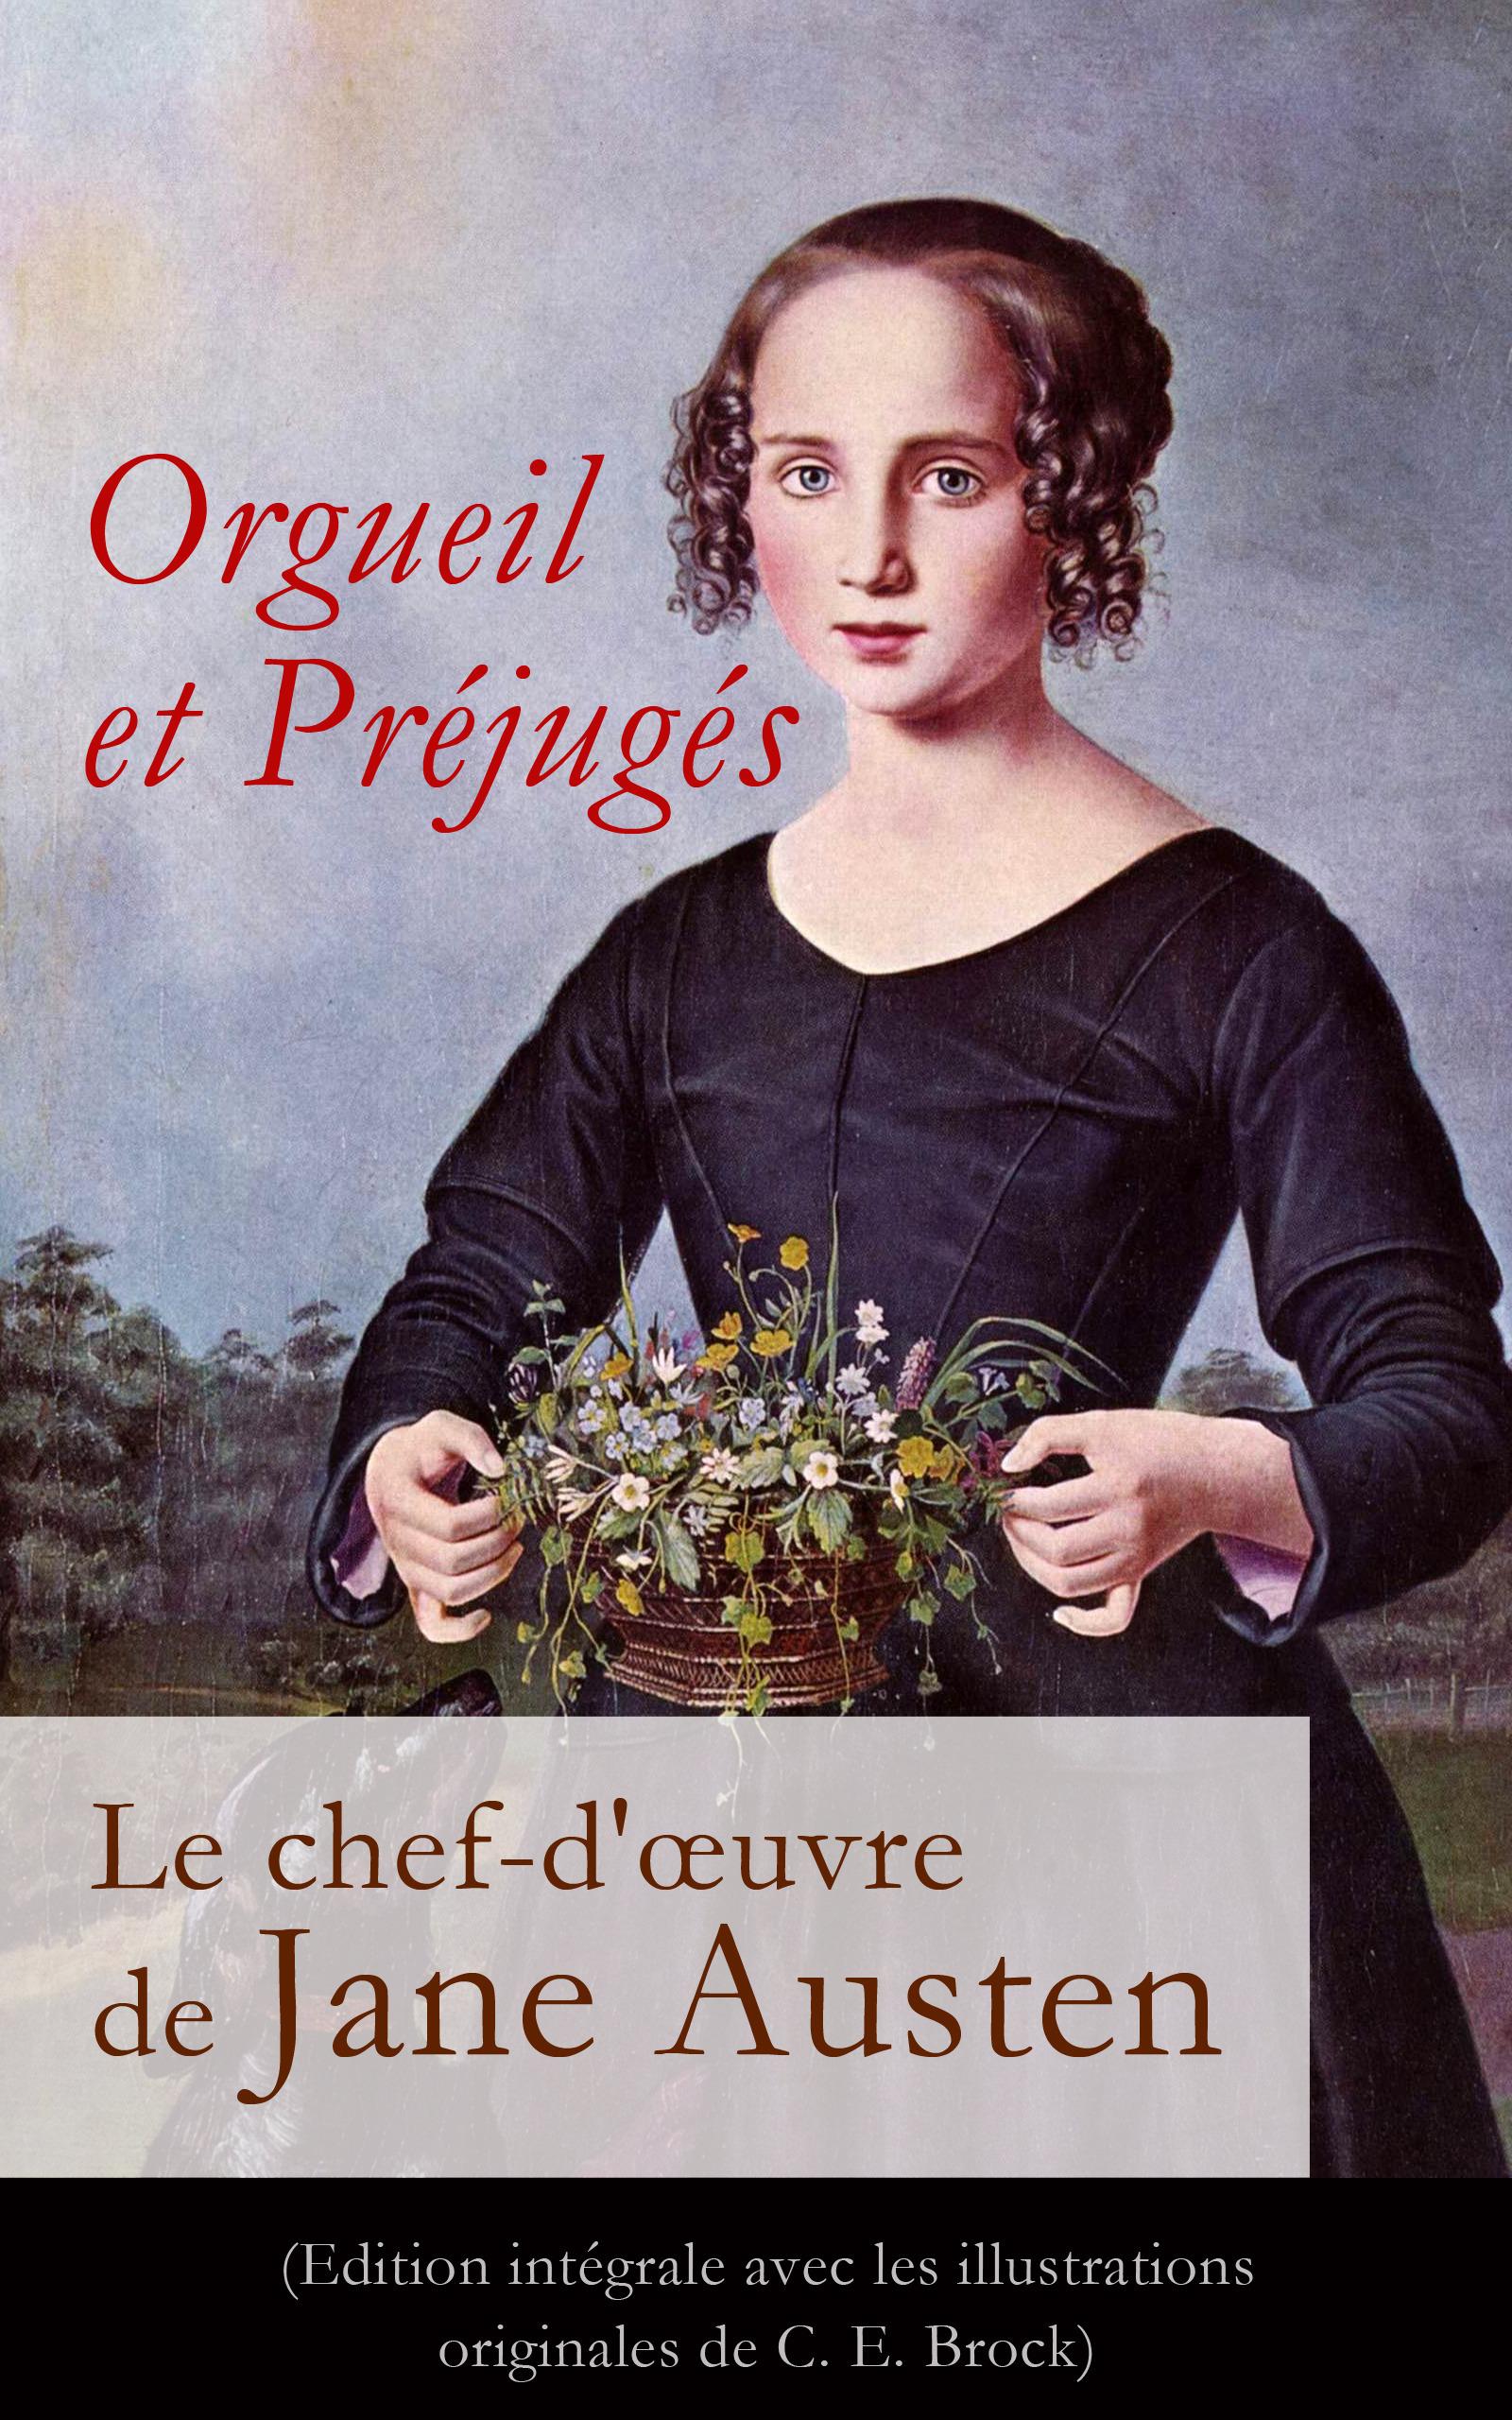 Orgueil et Préjugés - Le chef-d'oeuvre de Jane Austen (Edition intégrale avec les illustrations originales de C. E. Brock)